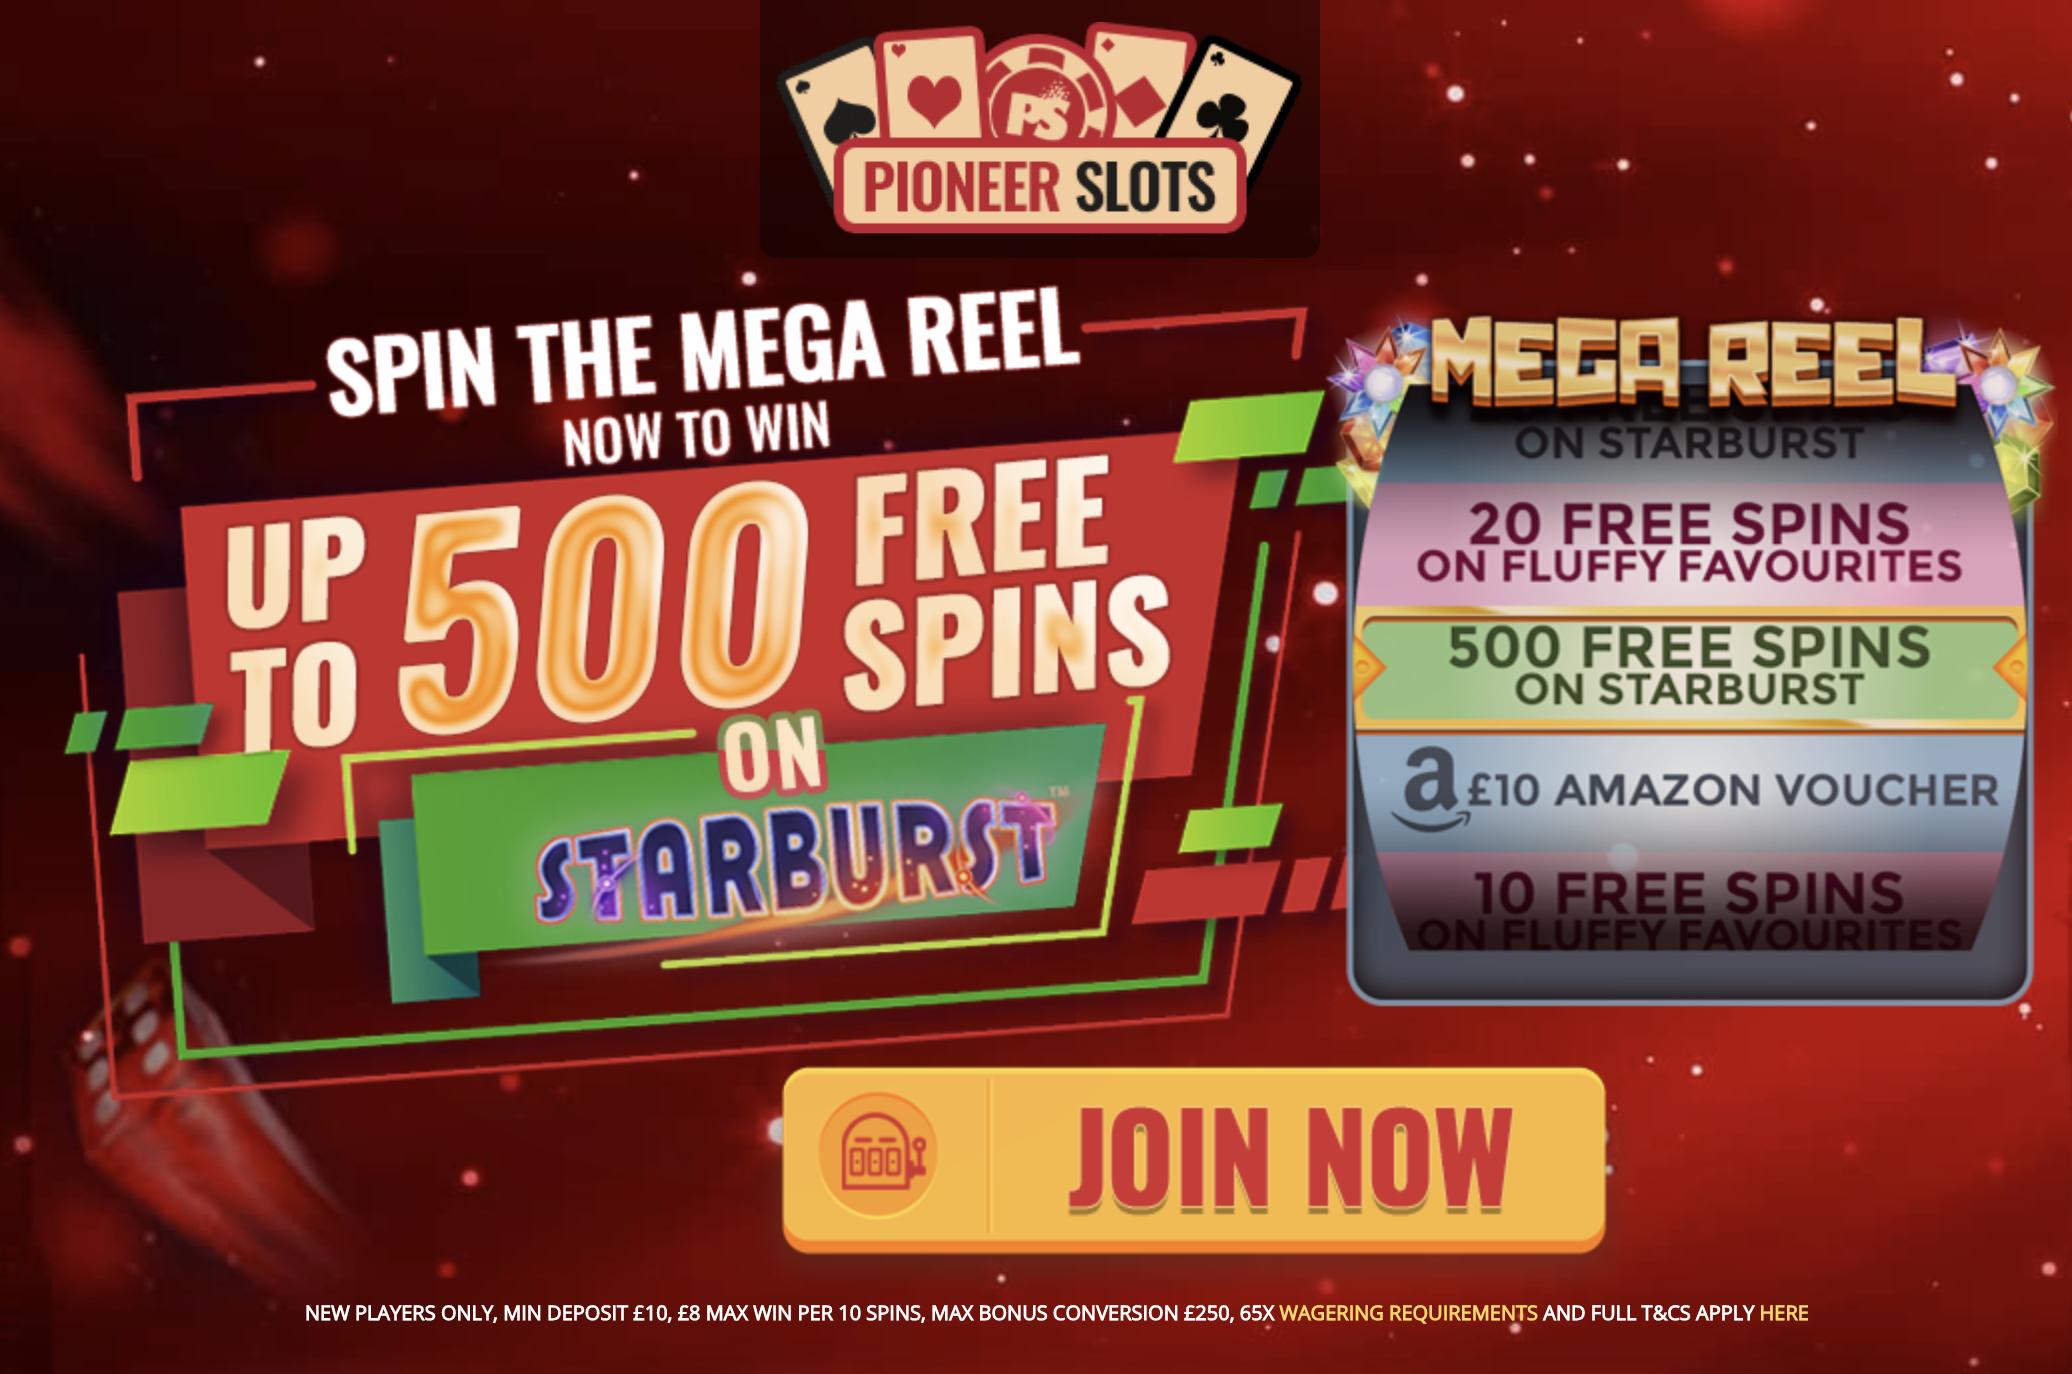 Best Free Bingo Sites Uk 2019 Online Casino Slots Bingo Sites